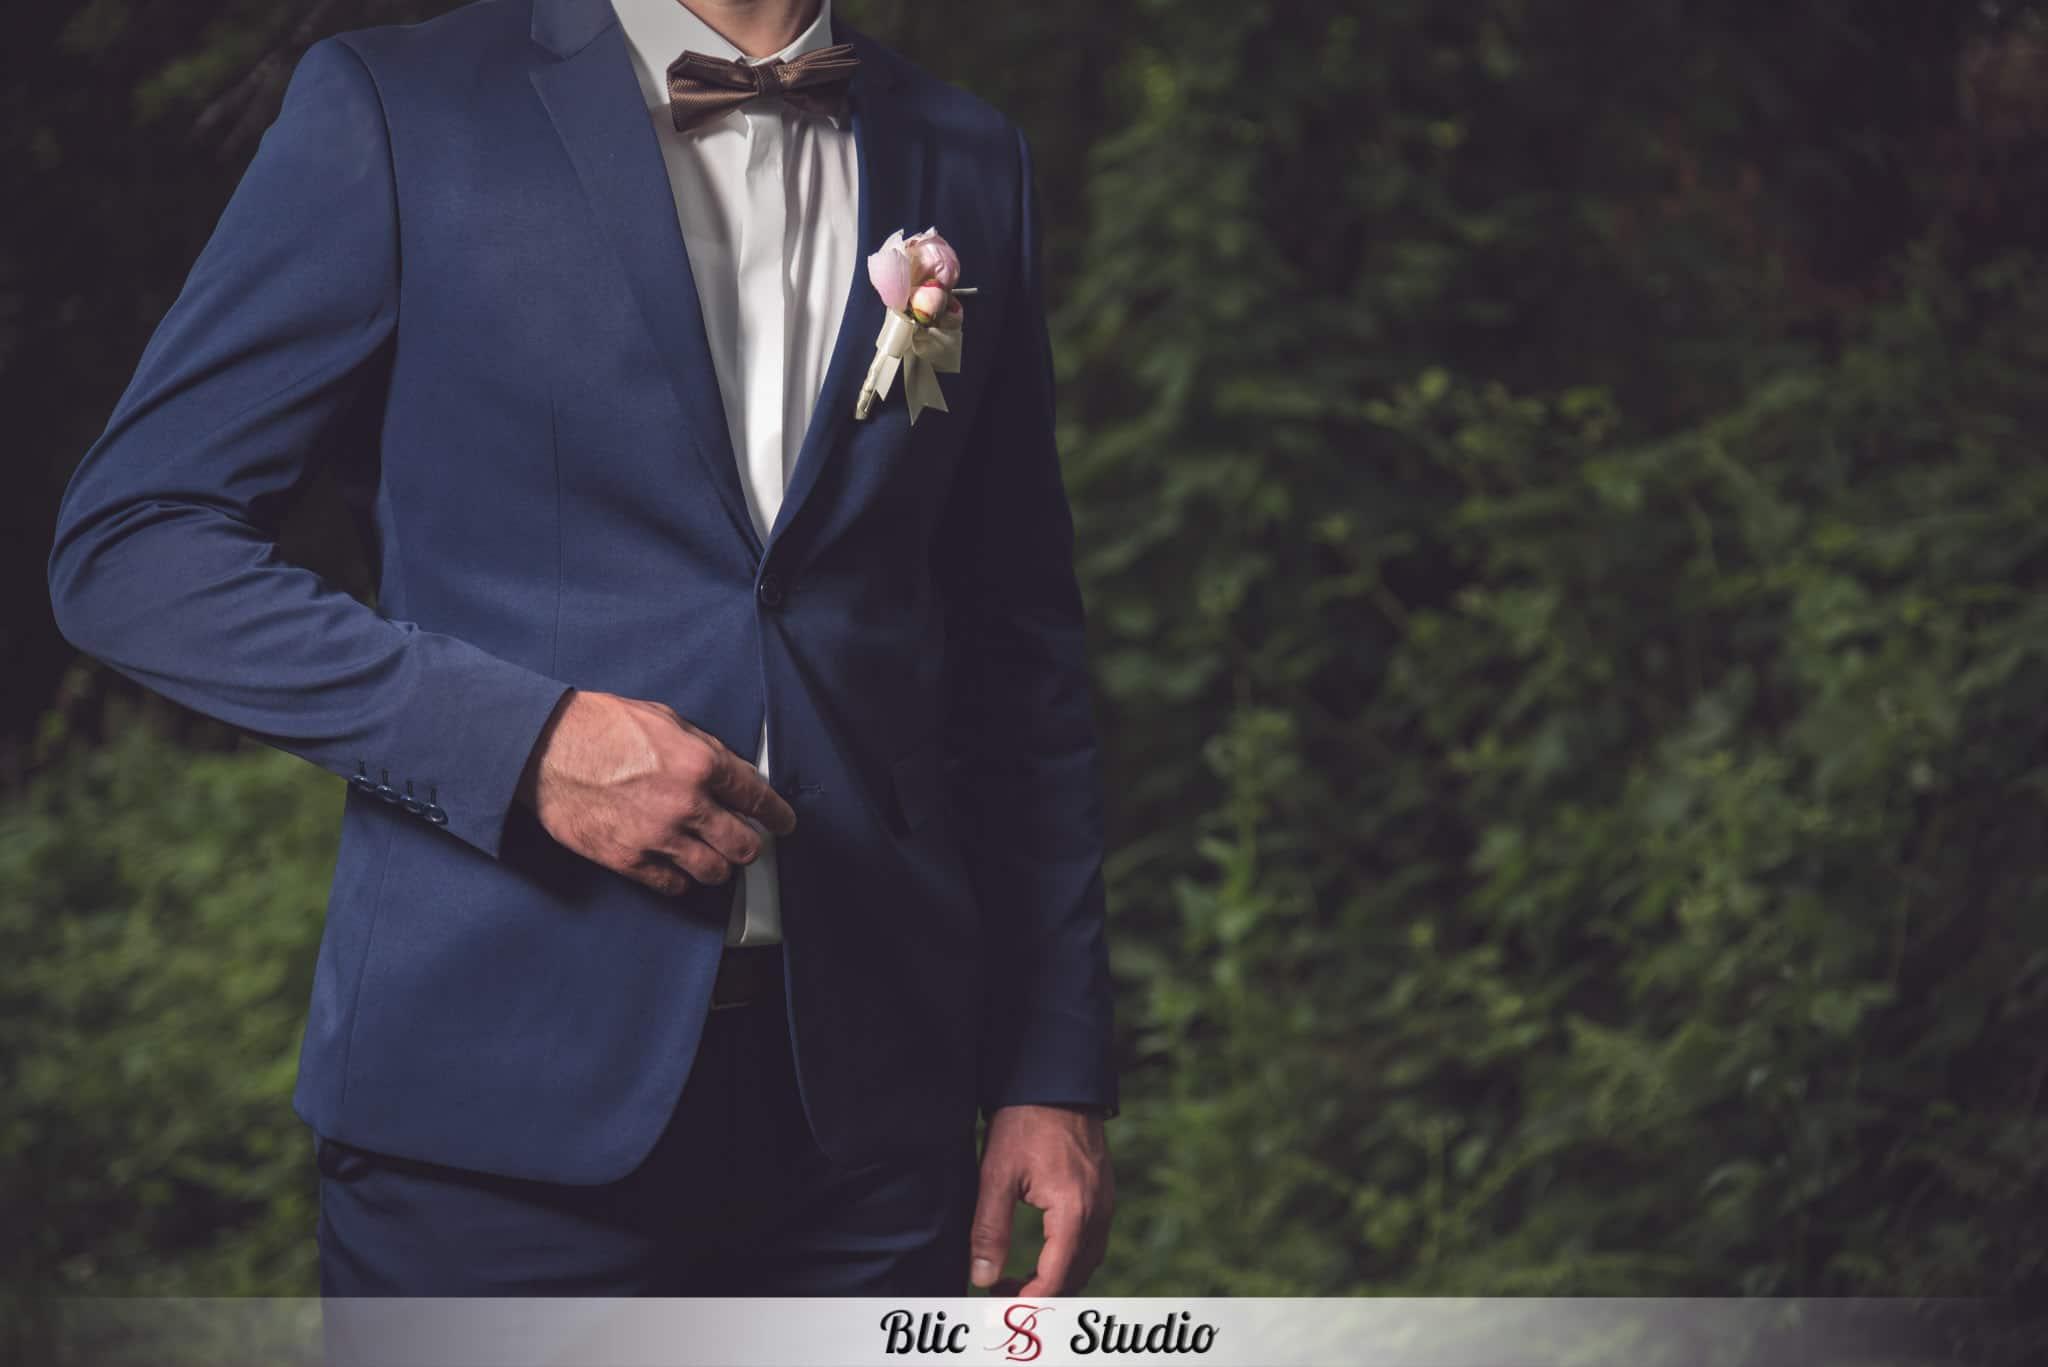 Fotograf_za_vjenčanje_foto_studio_blic_marincel (7)